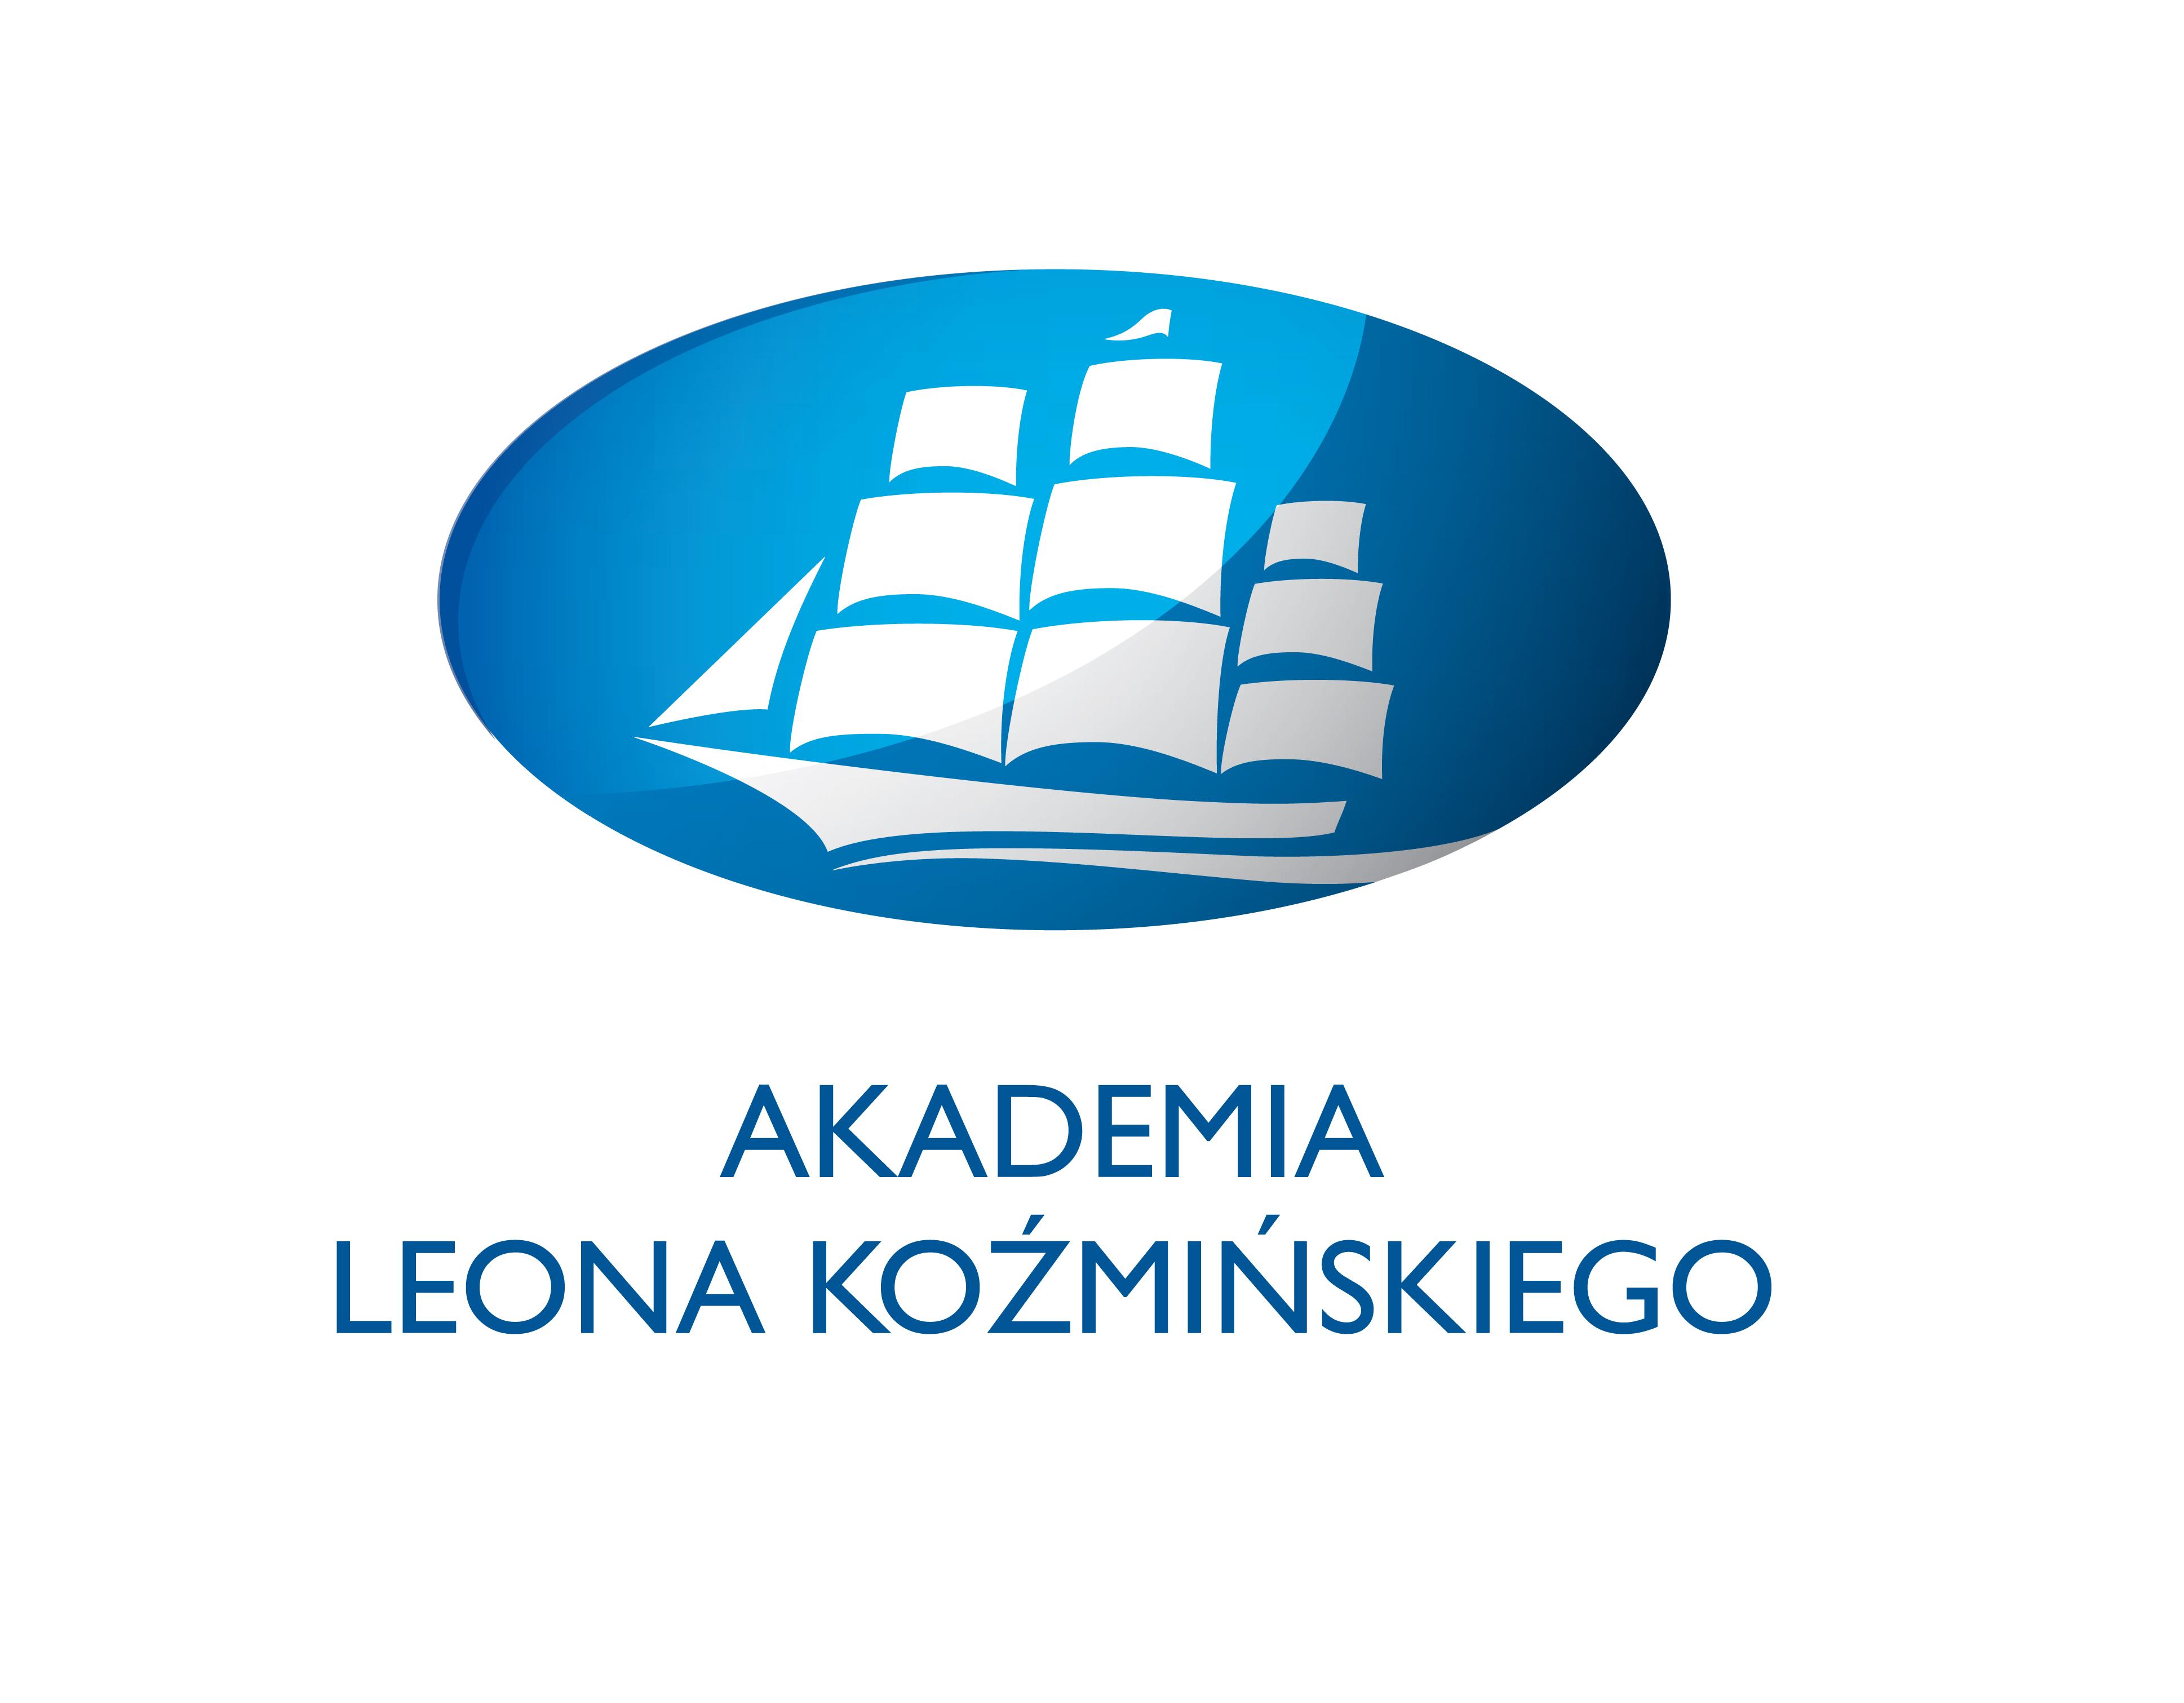 Doskonałym sposobem na rozwijanie kariery jest studiowanie (fot.mat.pras.)